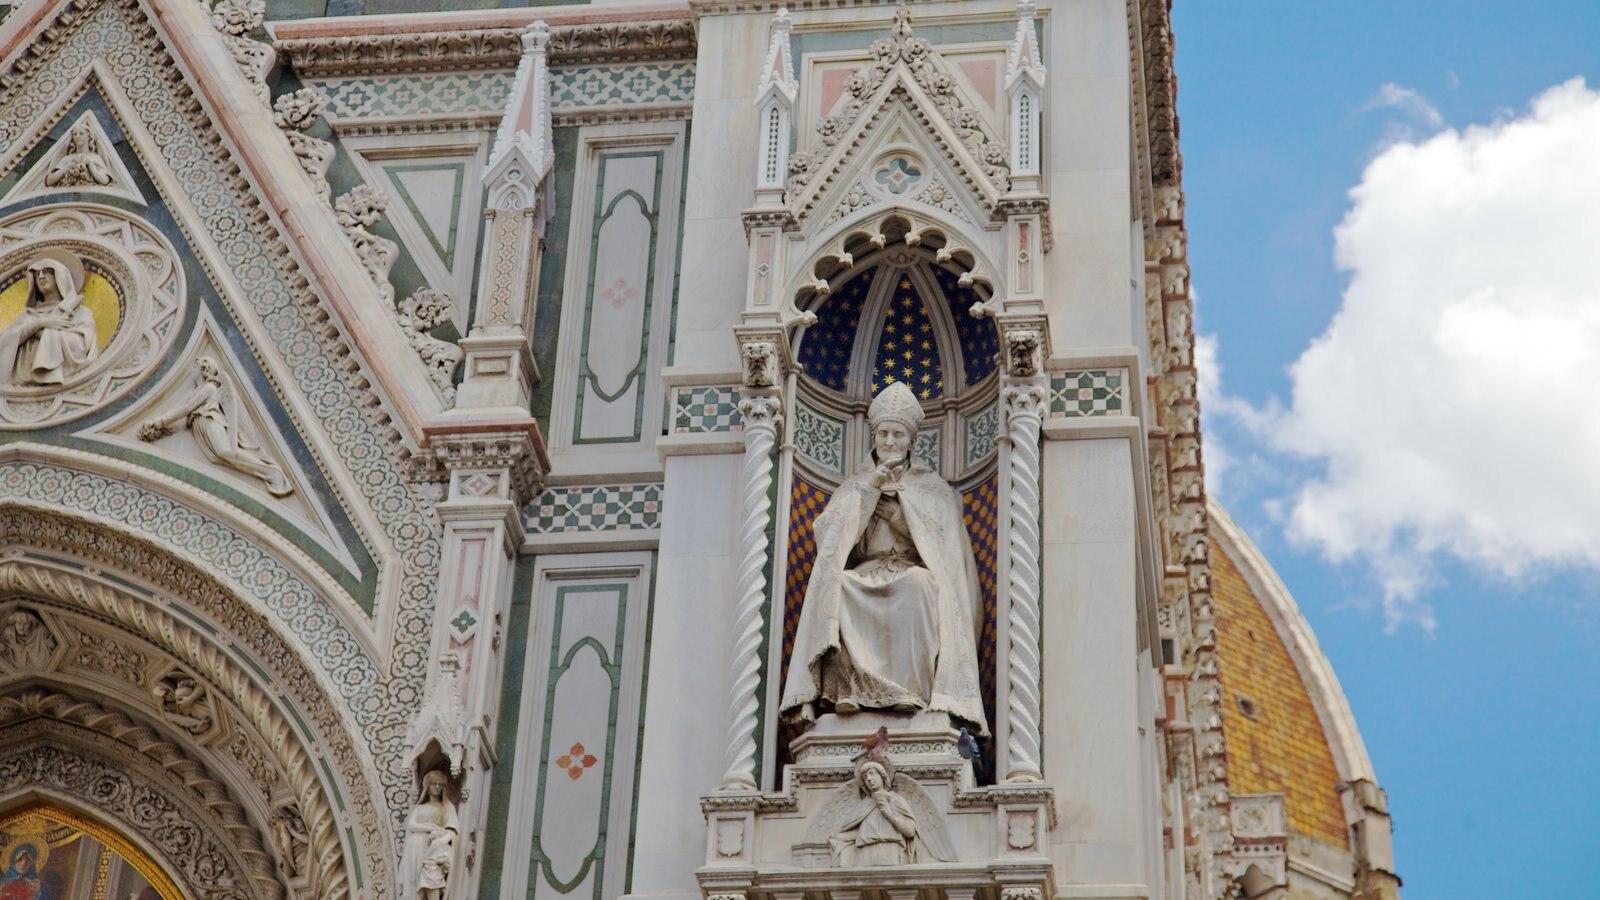 Catedral de Santa Maria del Fiore mostrando aspectos religiosos e uma igreja ou catedral